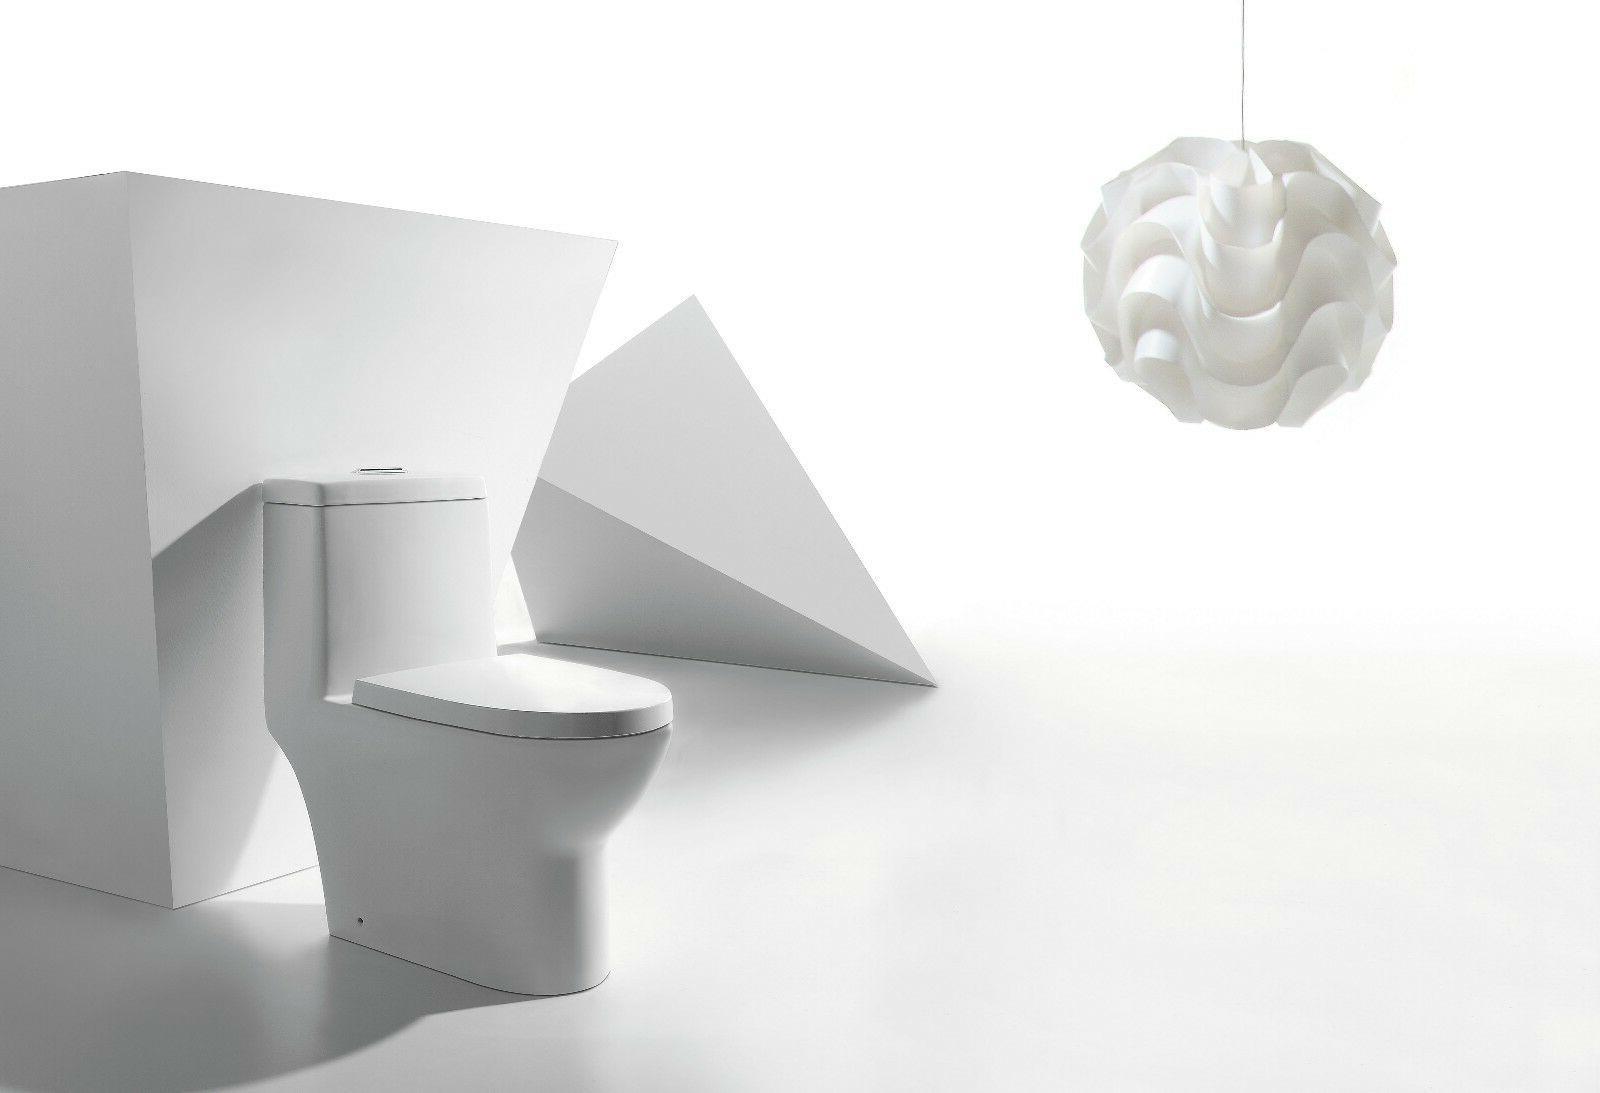 Soft One Modern Toilet Binli with